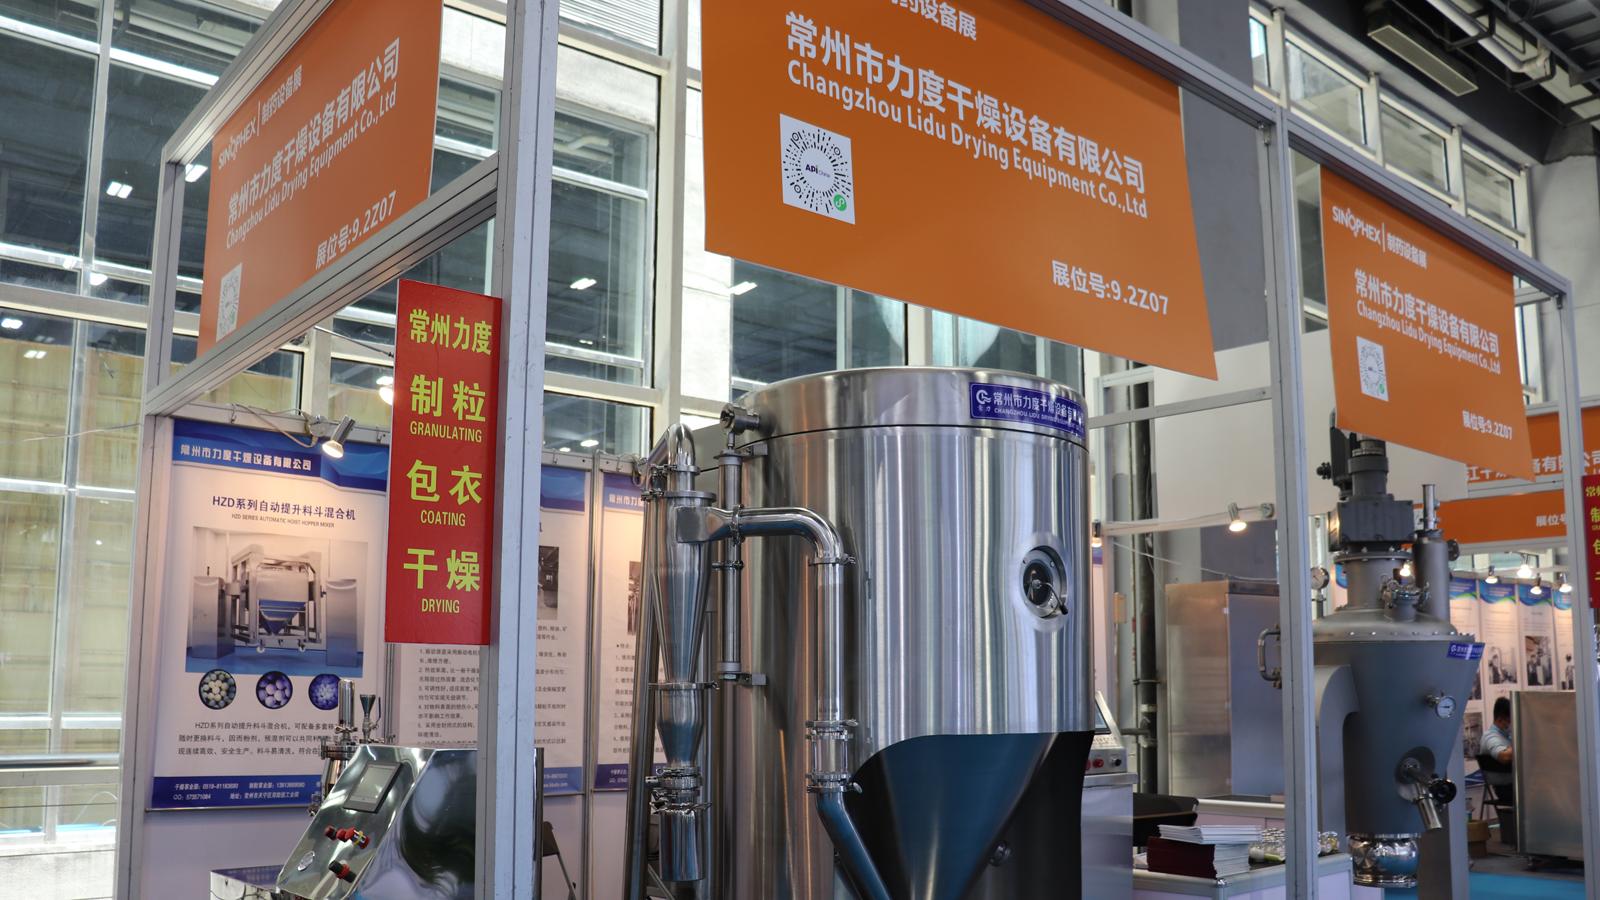 常州力度干燥成功参加第86届API China